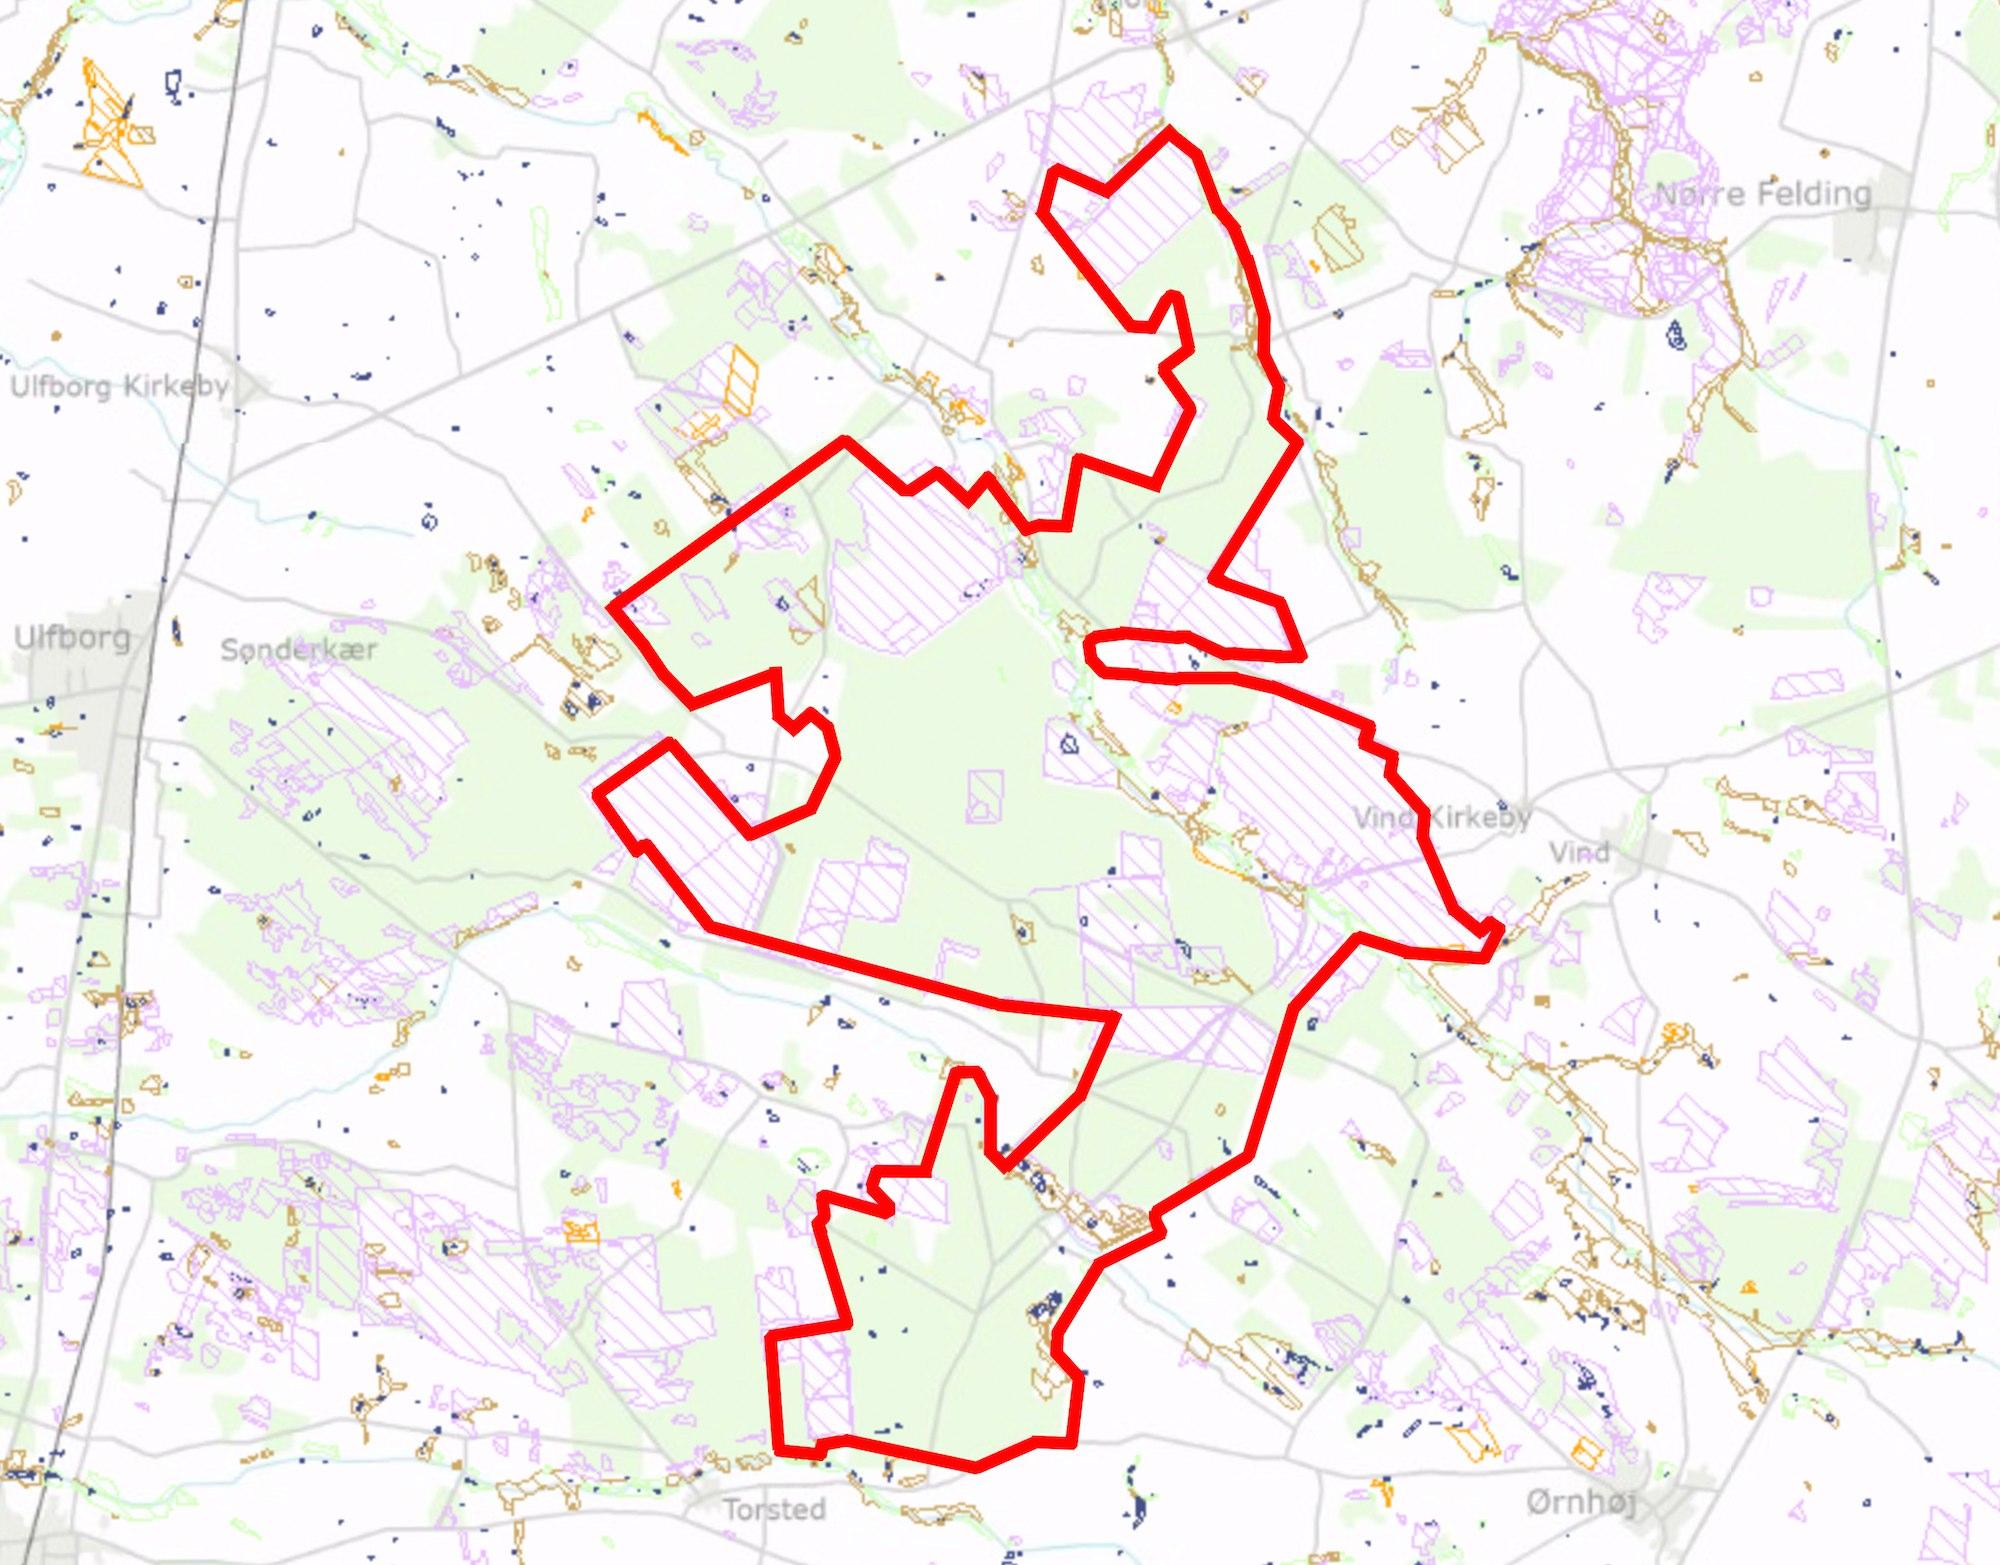 Paragraf 3-arealer (skraveret og farvet) inden for den foreslåede afgrænsning